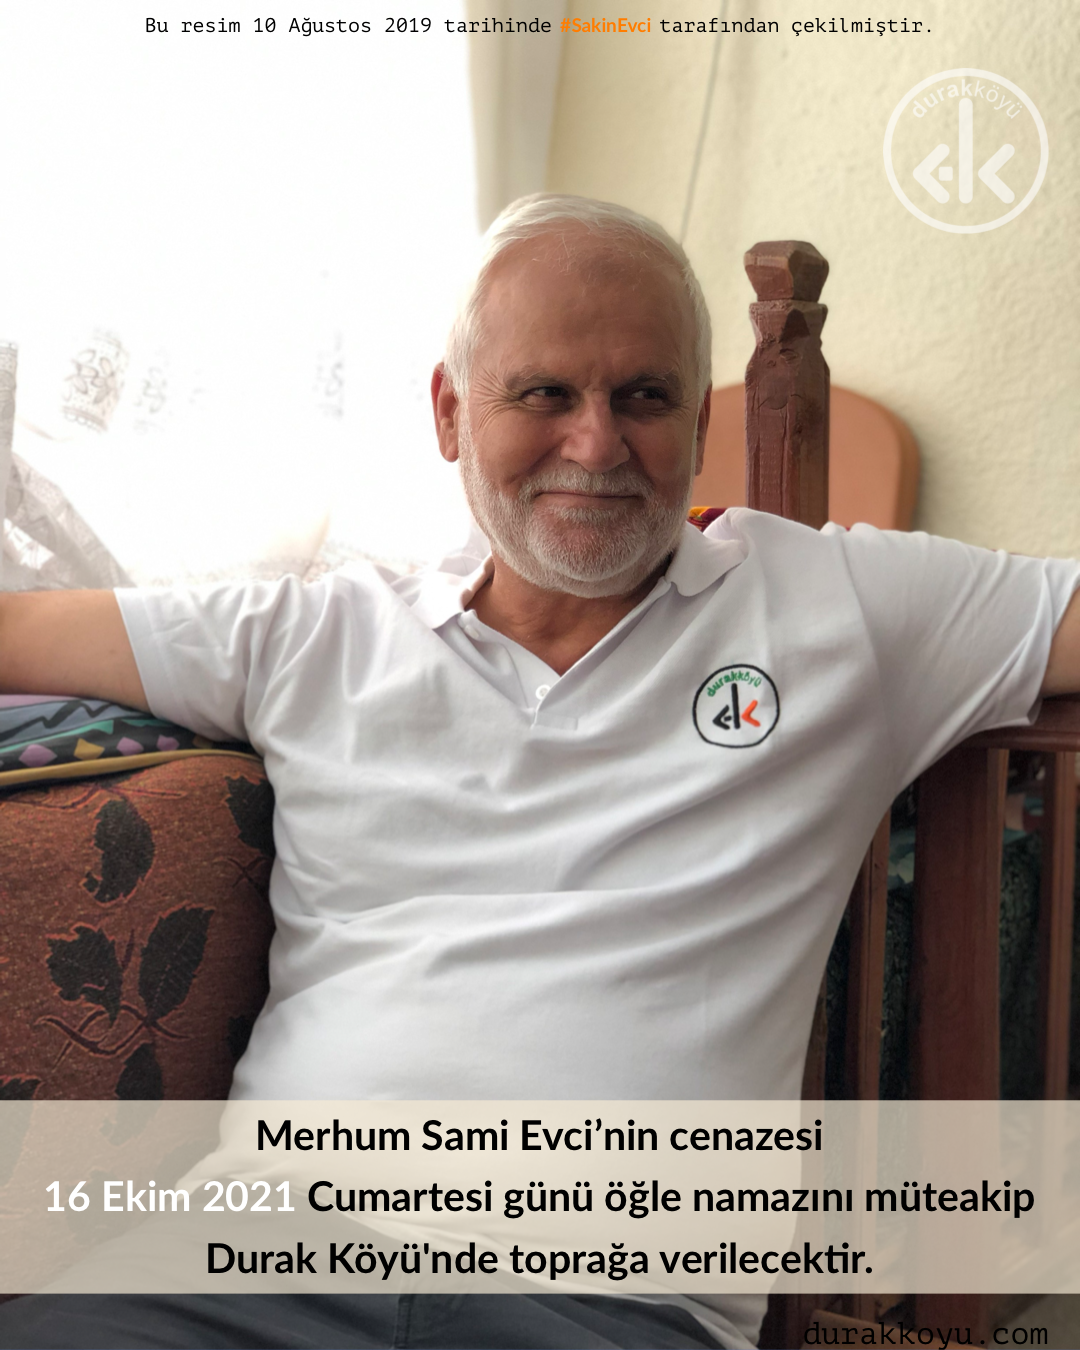 Sami Evci'nin cenazesi Cumartesi günü toprağa verilecek